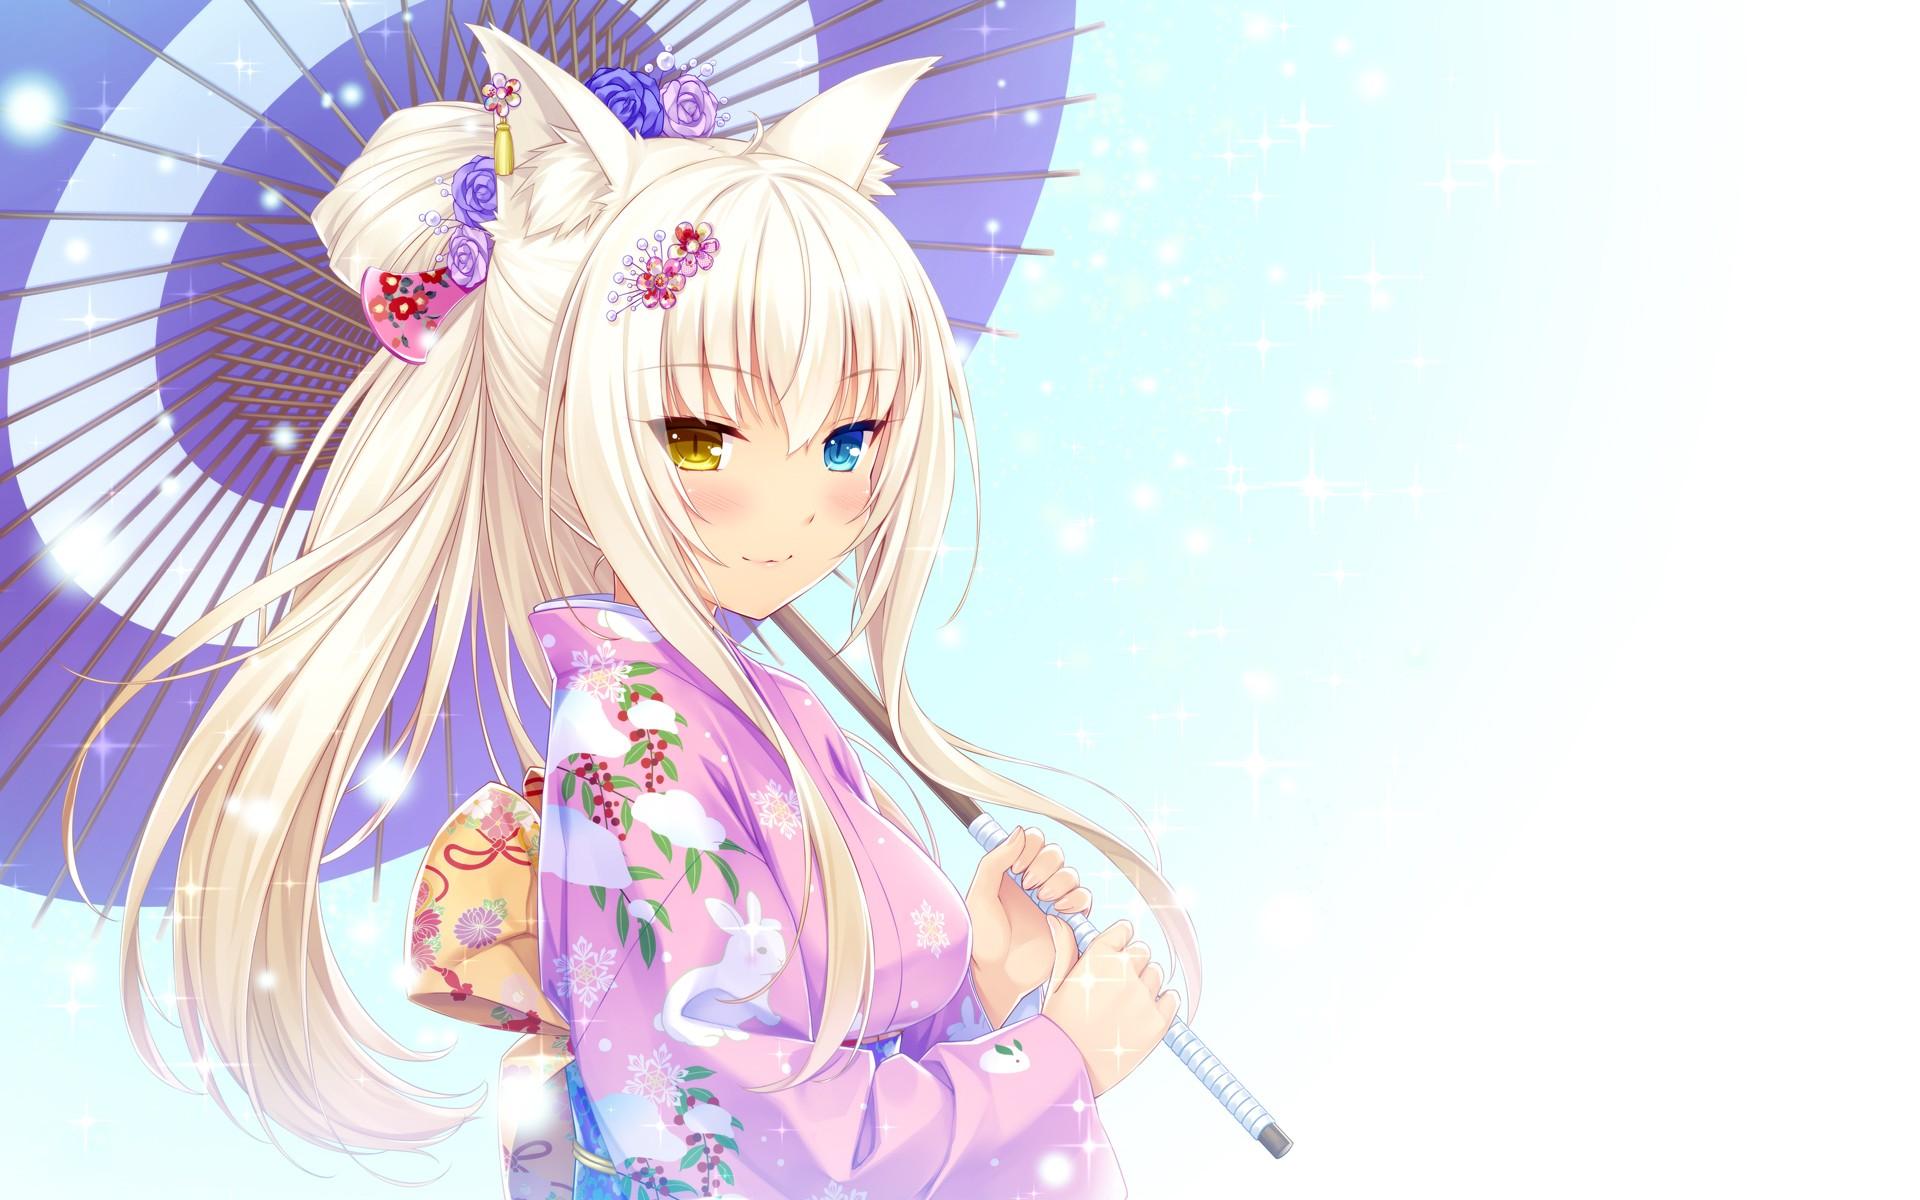 Anime-Cat-Girl-Wallpaper-HD-1